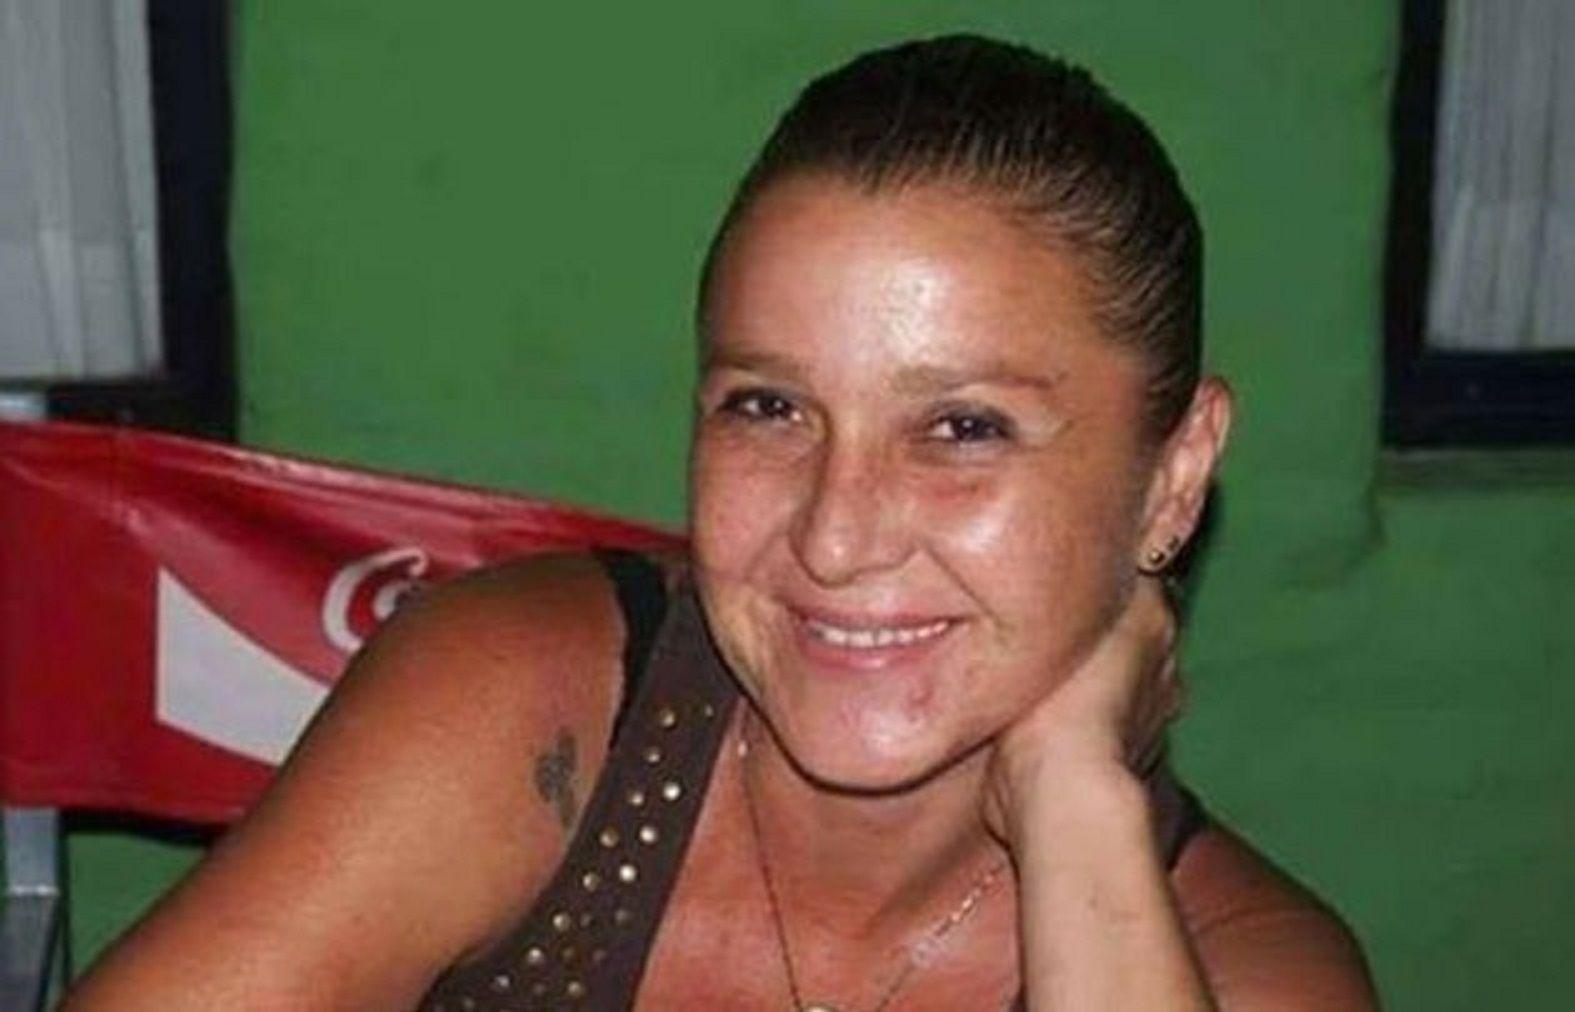 Misterio en Córdoba: una mujer desapareció y su hijo está detenido por raptarla